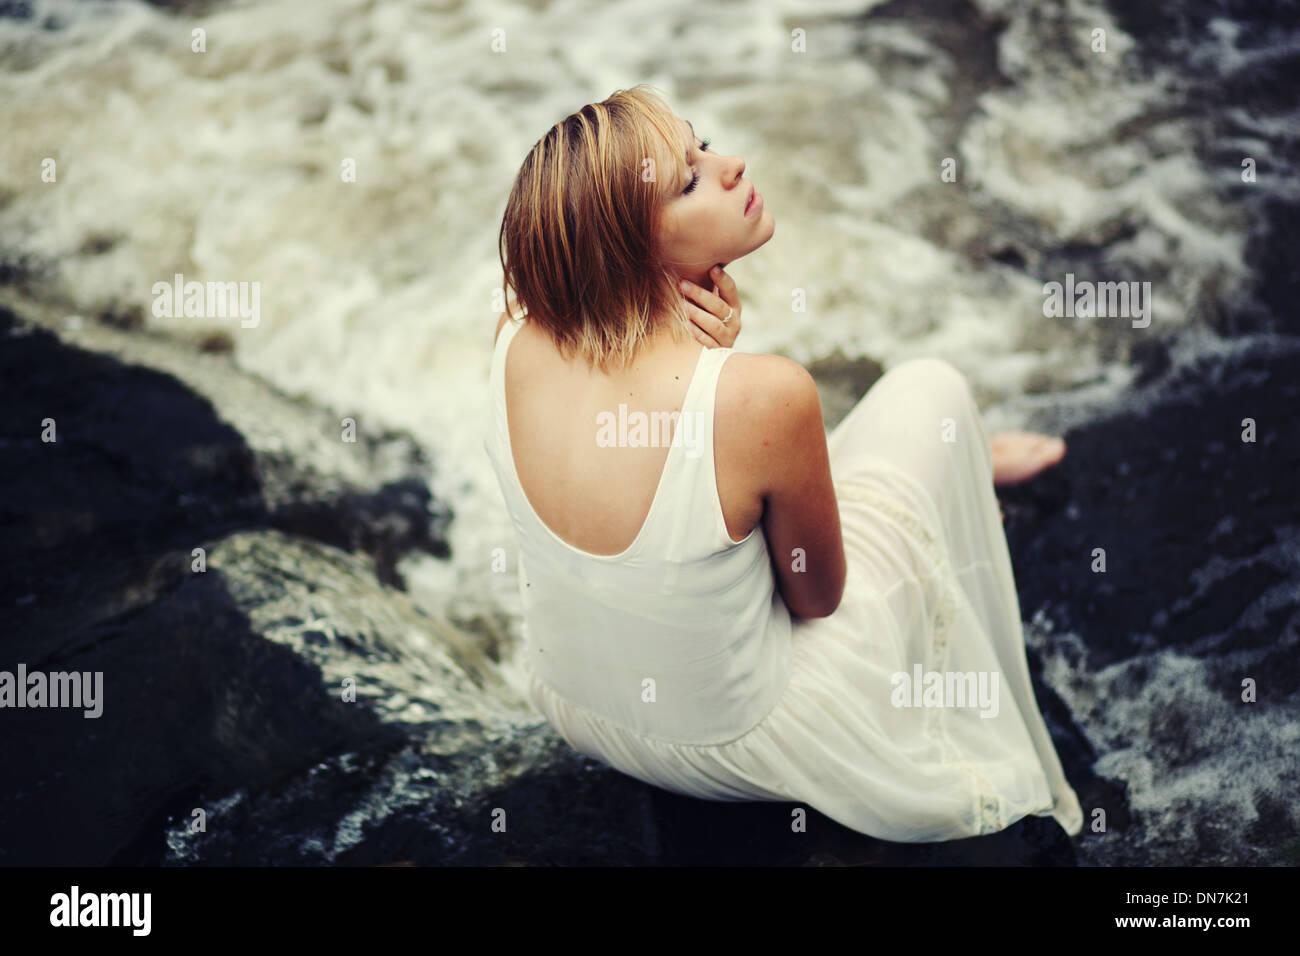 Giovane donna in abito bianco seduto su una insenatura Immagini Stock